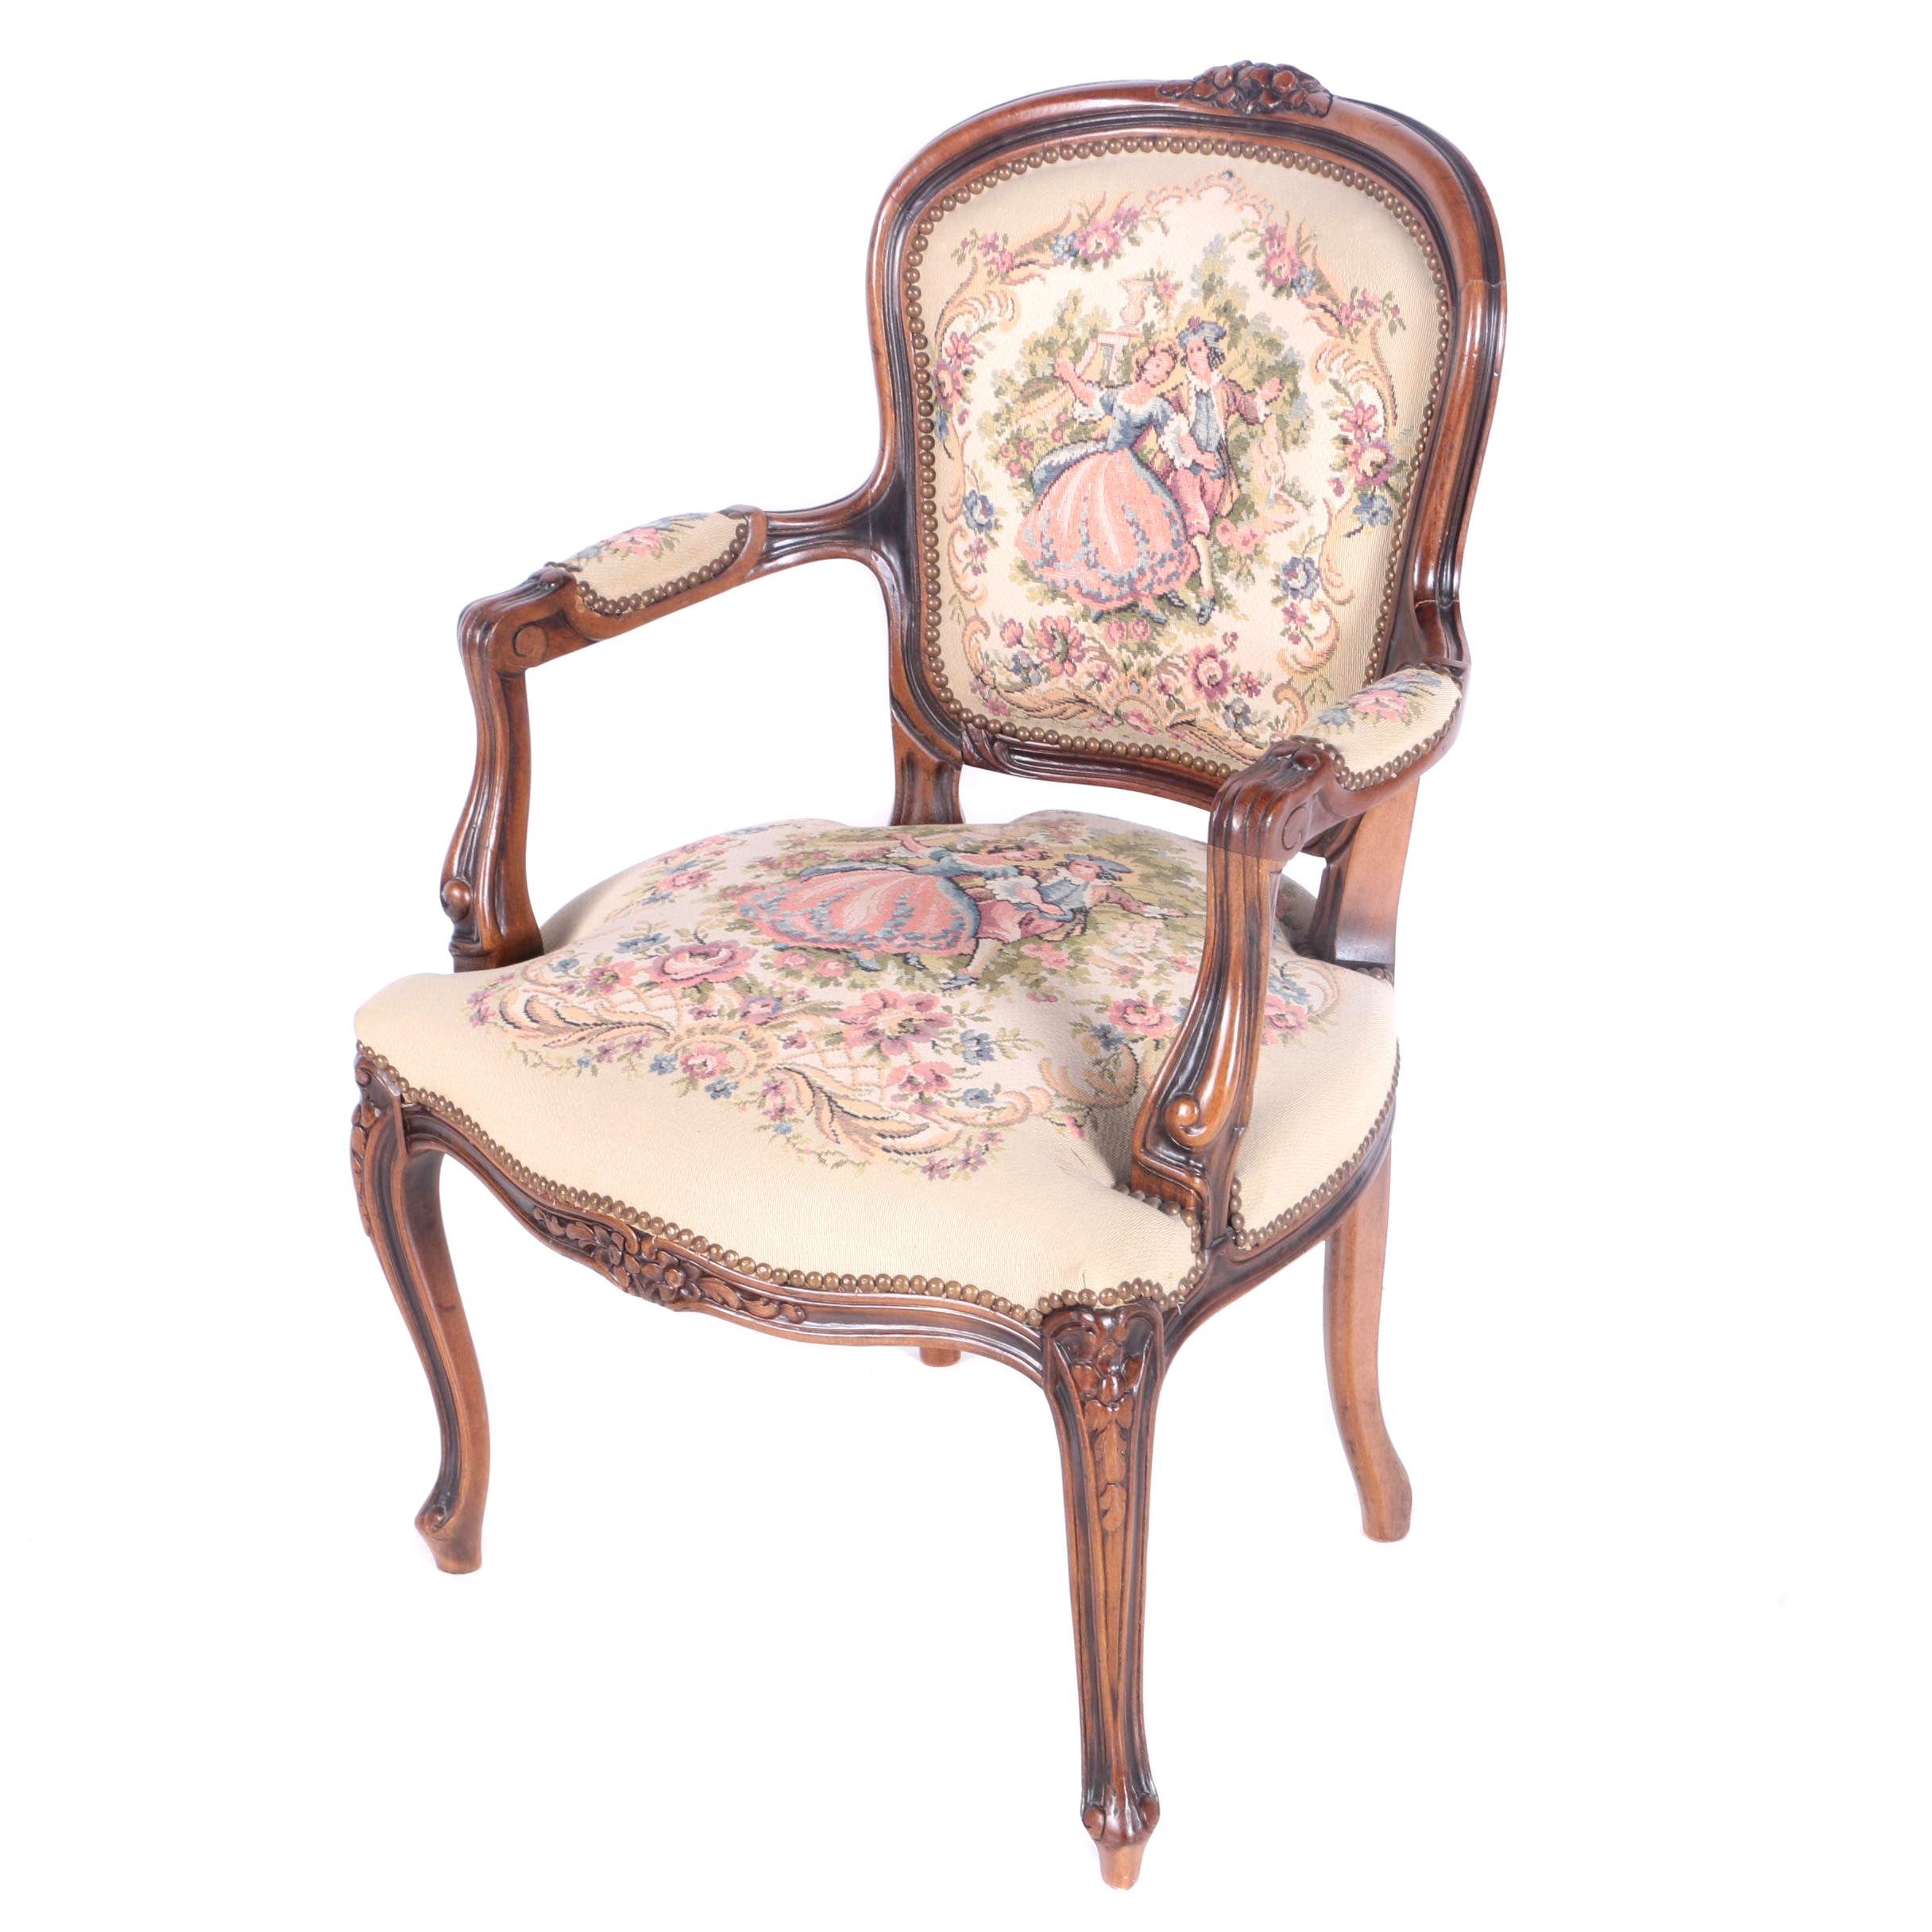 louis xv chair eddie bauer high chairs contemporary by chateau d ax ebth